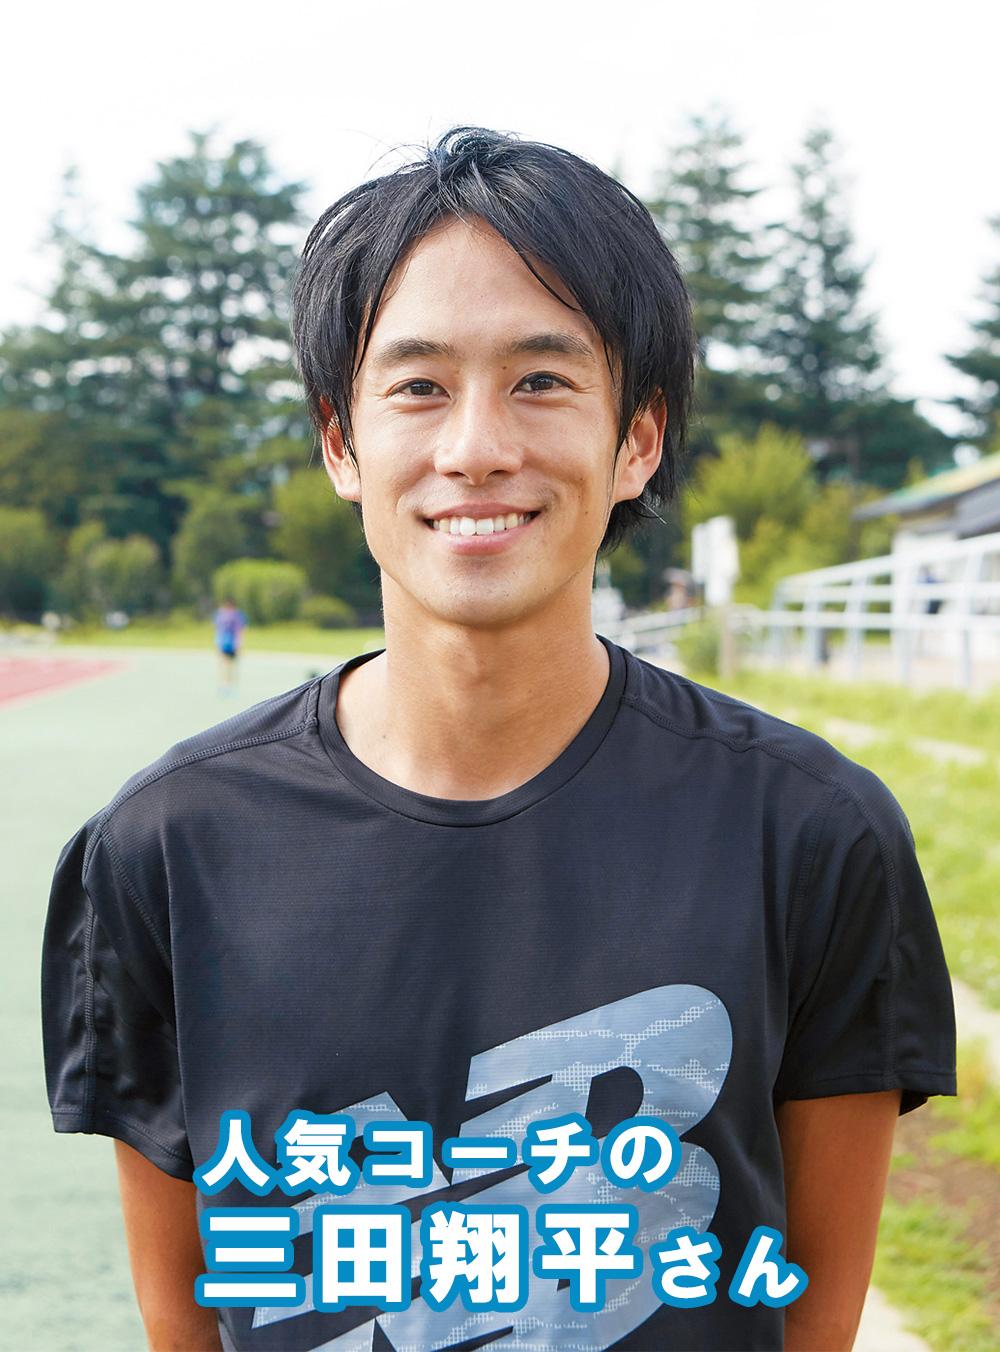 人気コーチの三田翔平さん